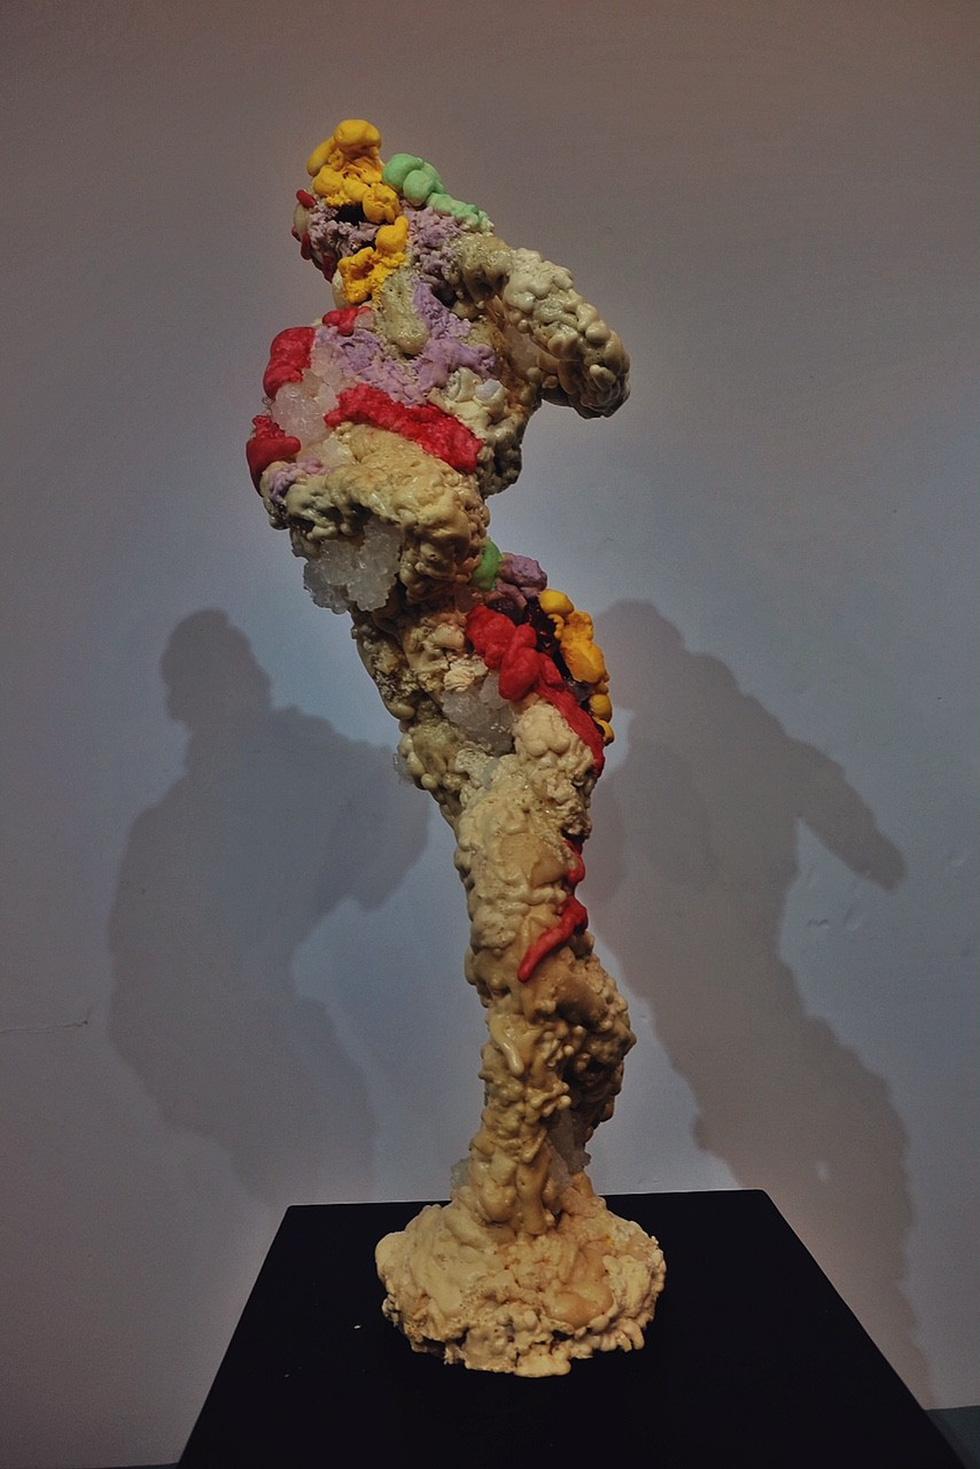 Triển lãm điêu khắc Sài Gòn - Hà Nội: Heo lên ngôi trong năm Kỷ Hợi - Ảnh 11.